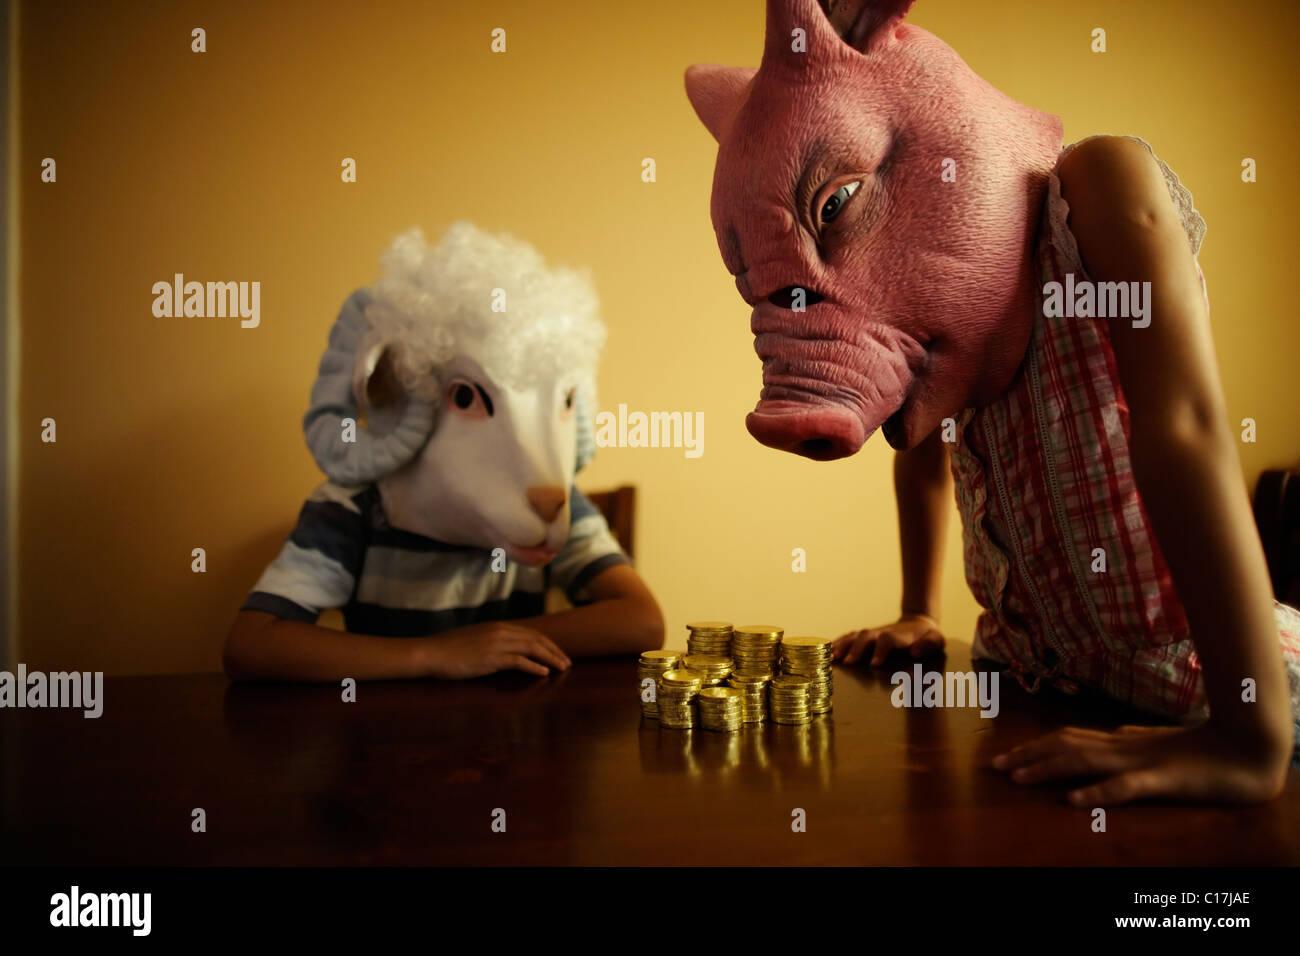 Mlle Pig propose des conseils financiers à maîtriser les moutons. Photo Stock